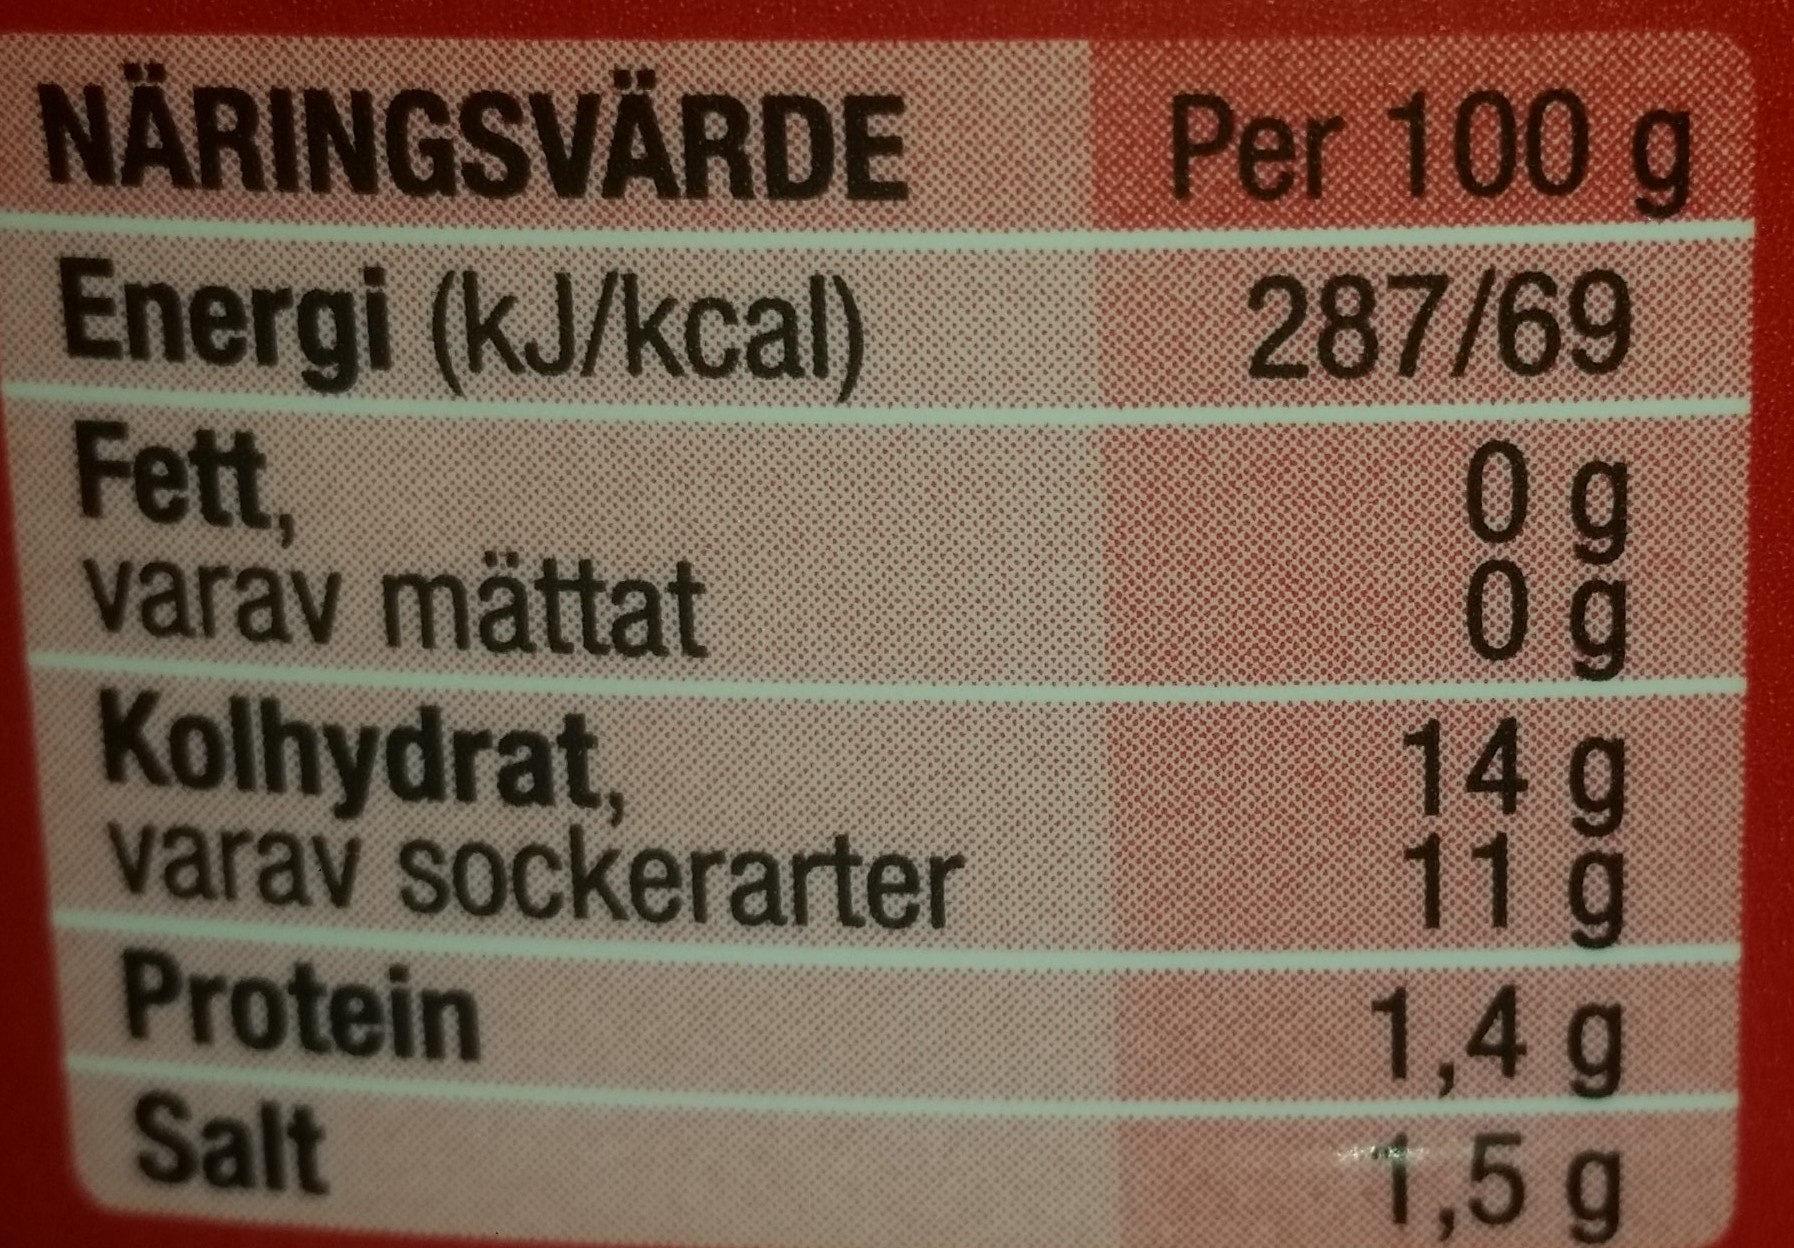 Tomatoketchup ekologisk mindre socker & salt - Voedigswaarden